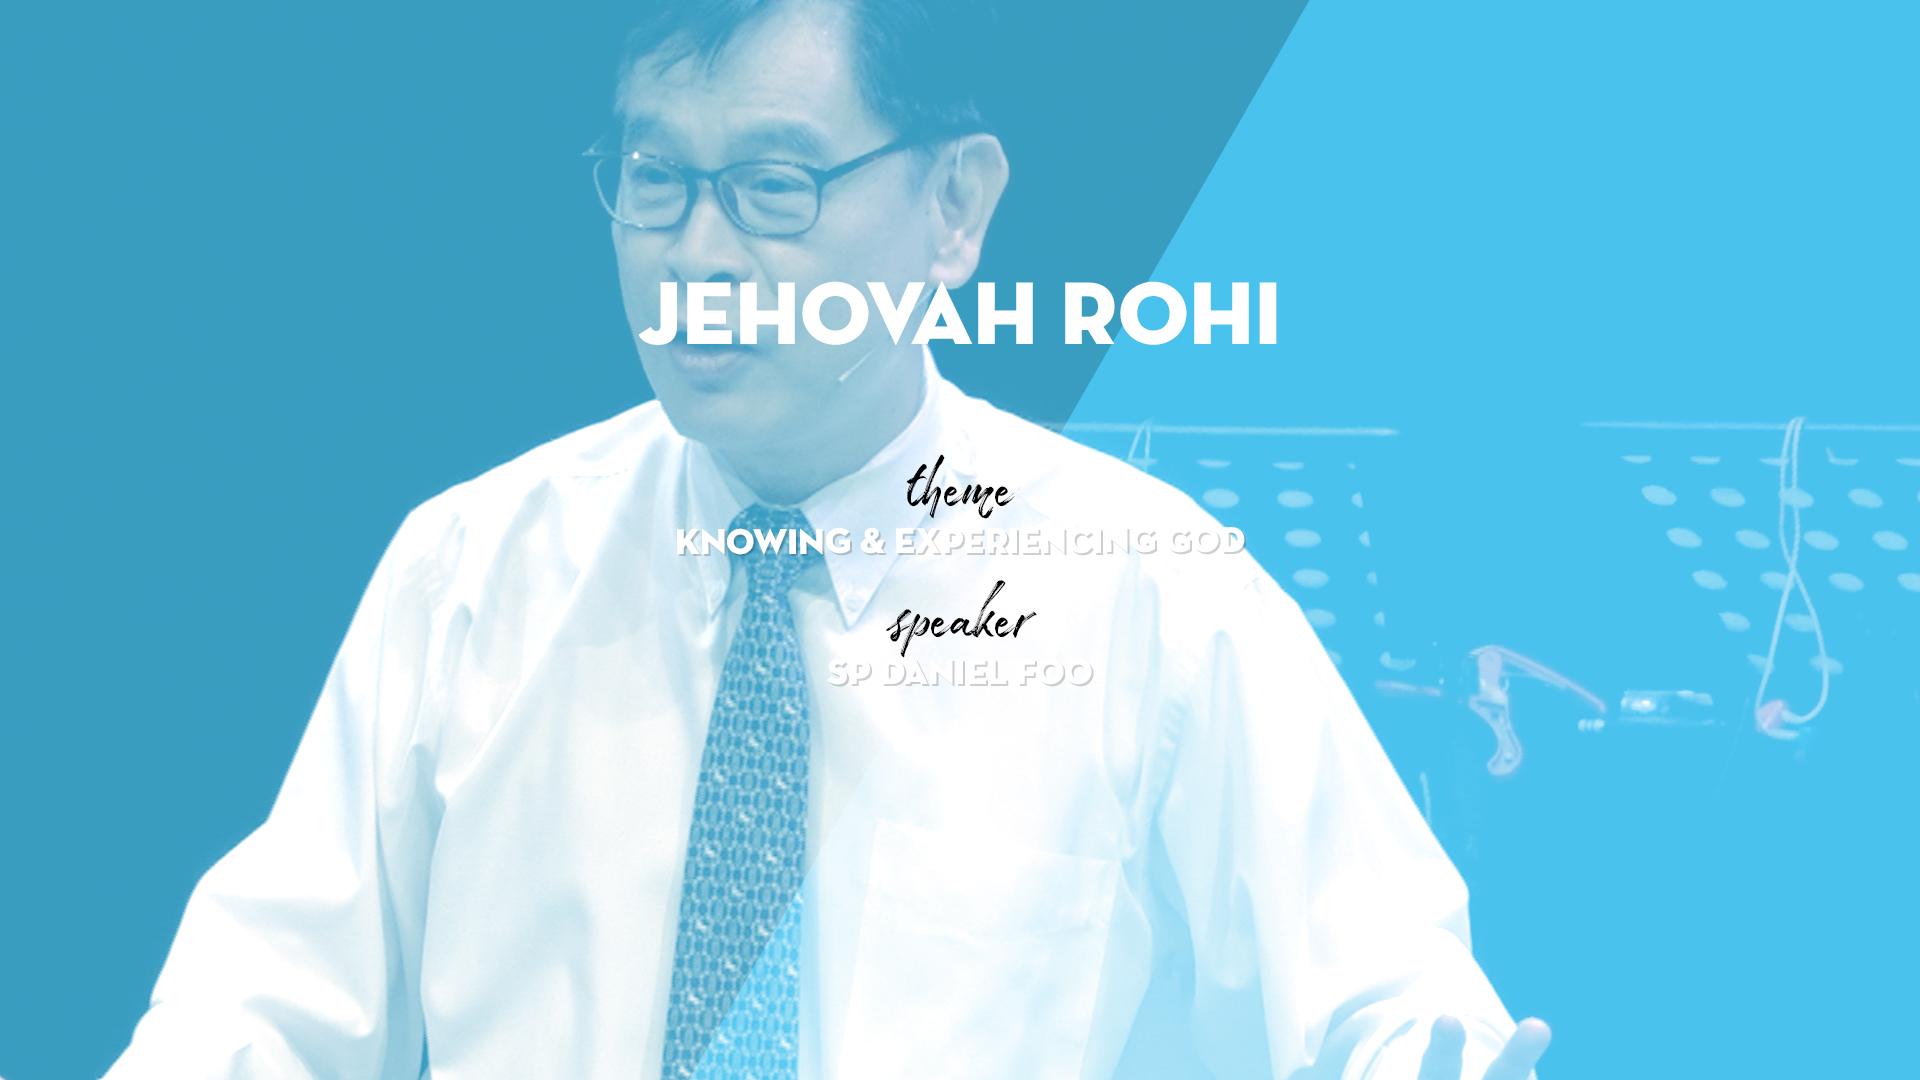 Jehova Rohi